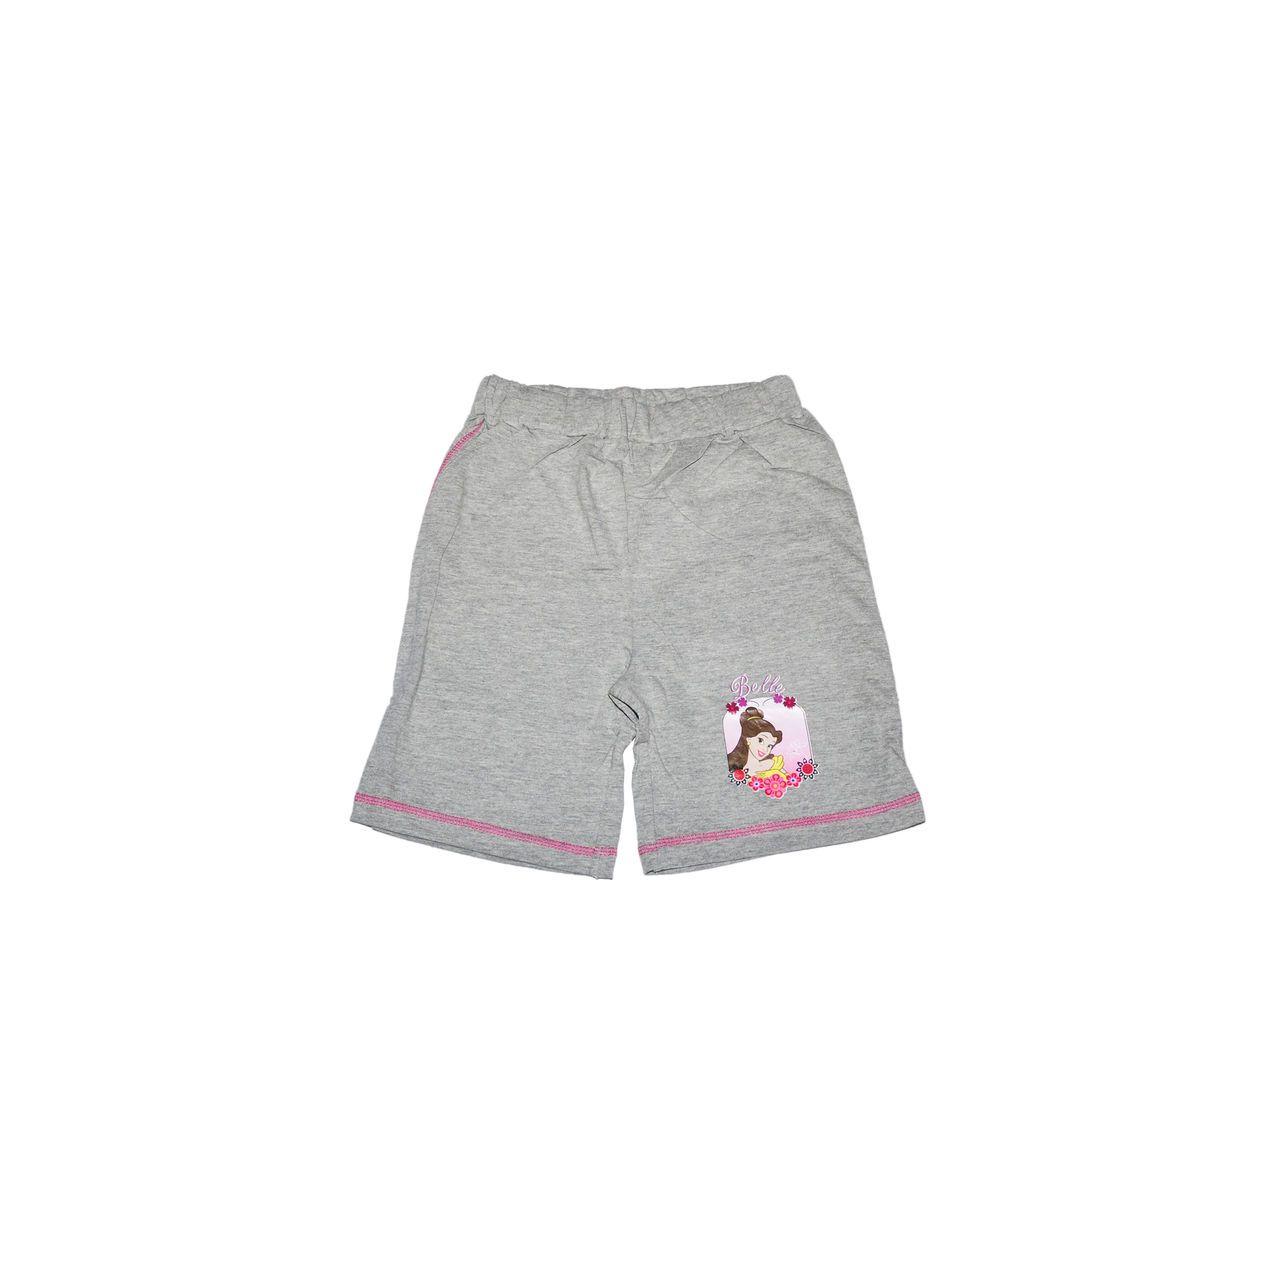 Fubu Gray Cotton Shorts